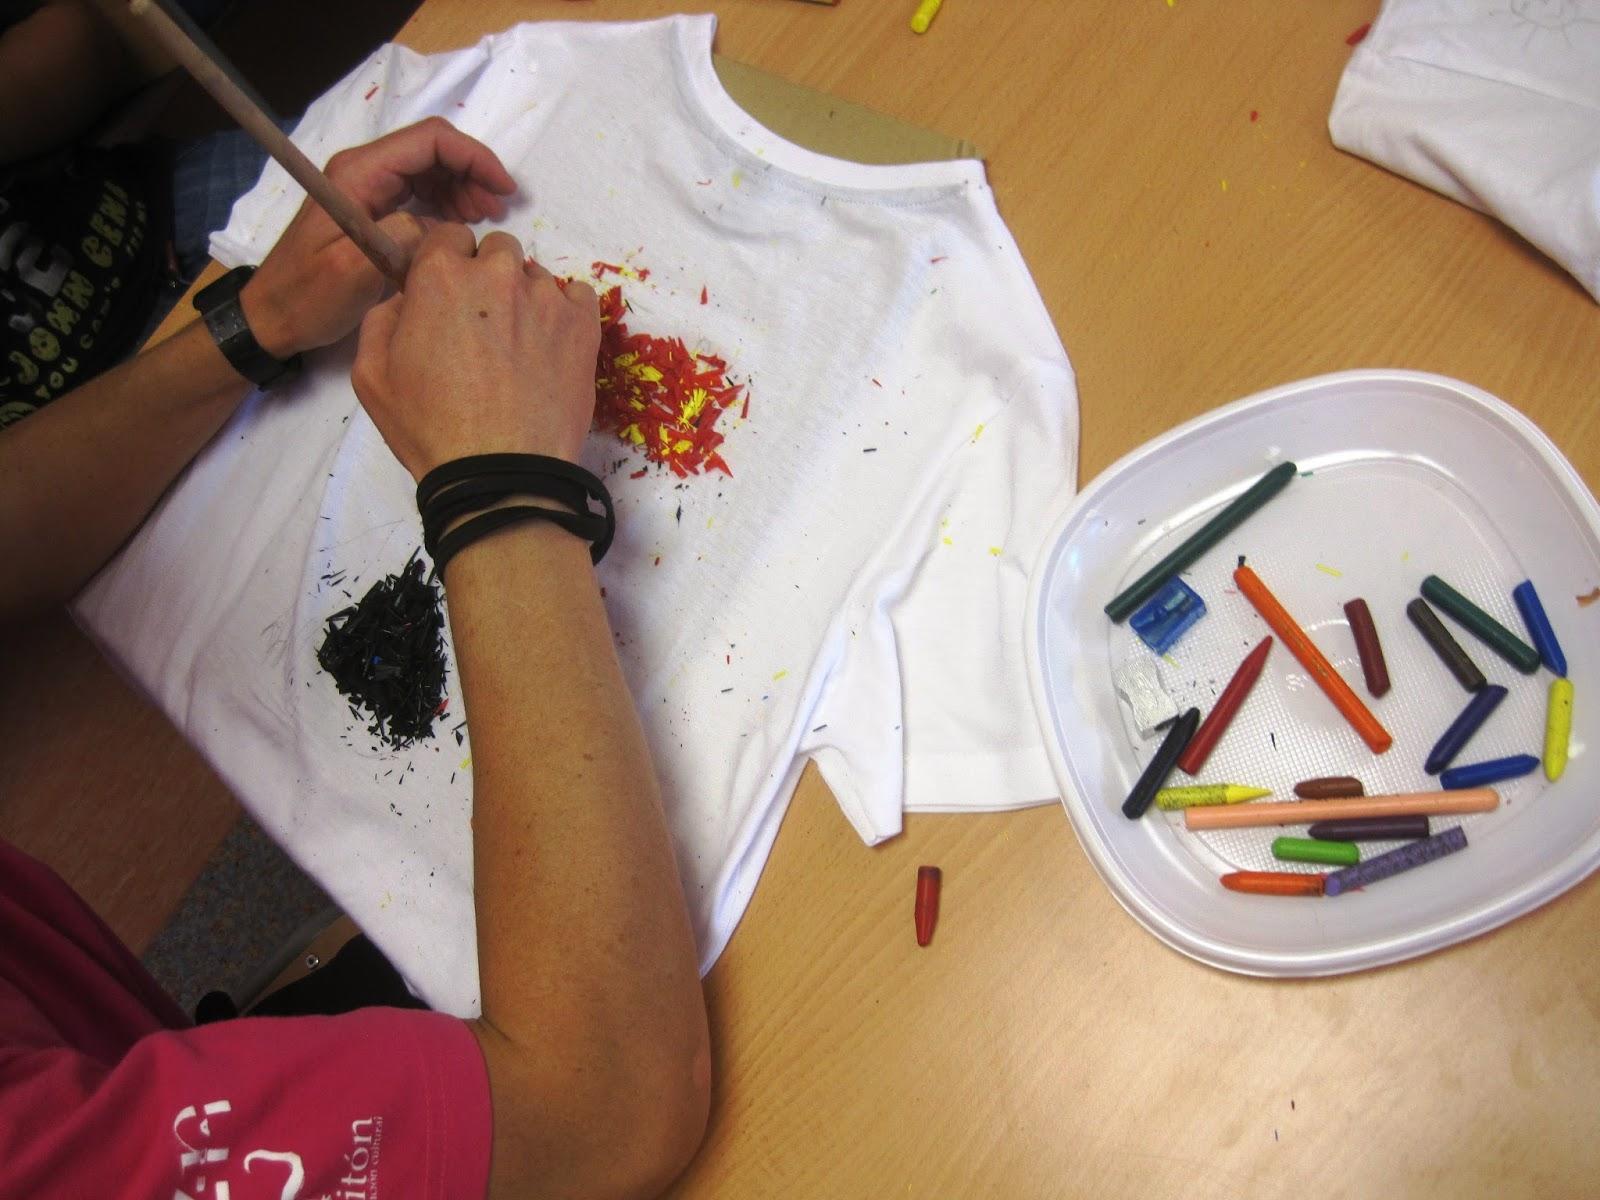 Diy pintar camisetas con pinturas plastidecor - Pintar camisetas ninos ...